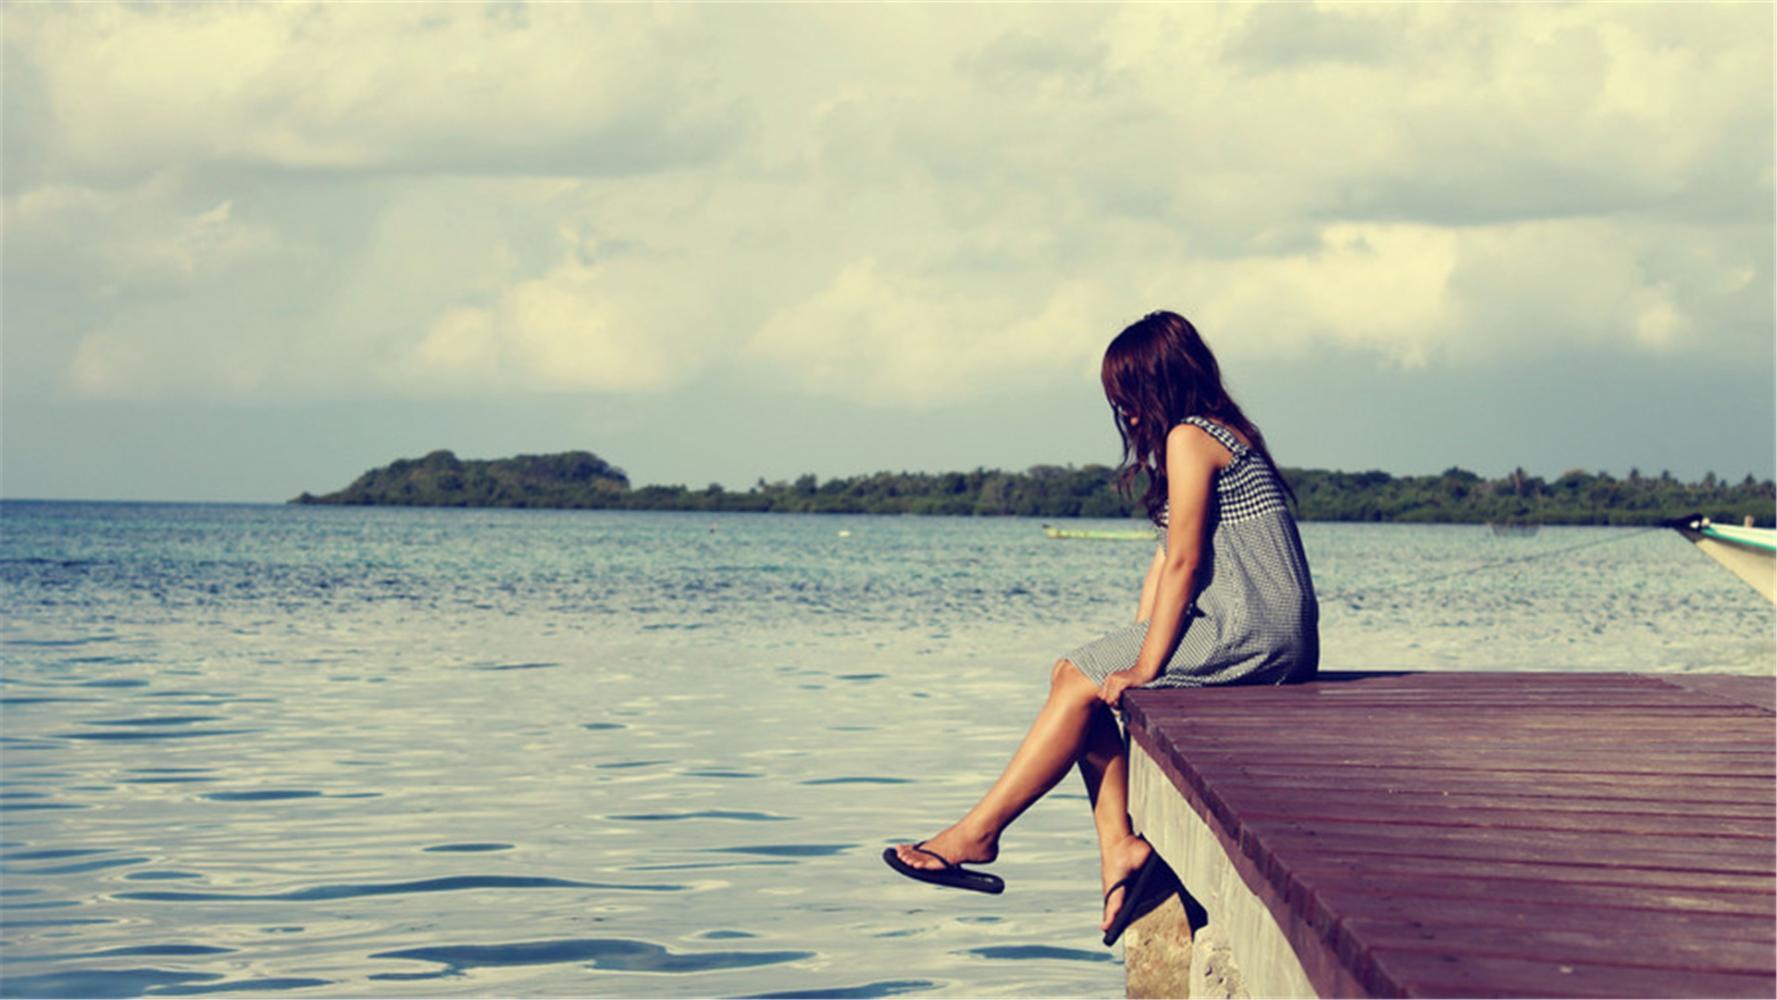 一个离婚女人的反思: 有一种感情, 无论多爱都别碰